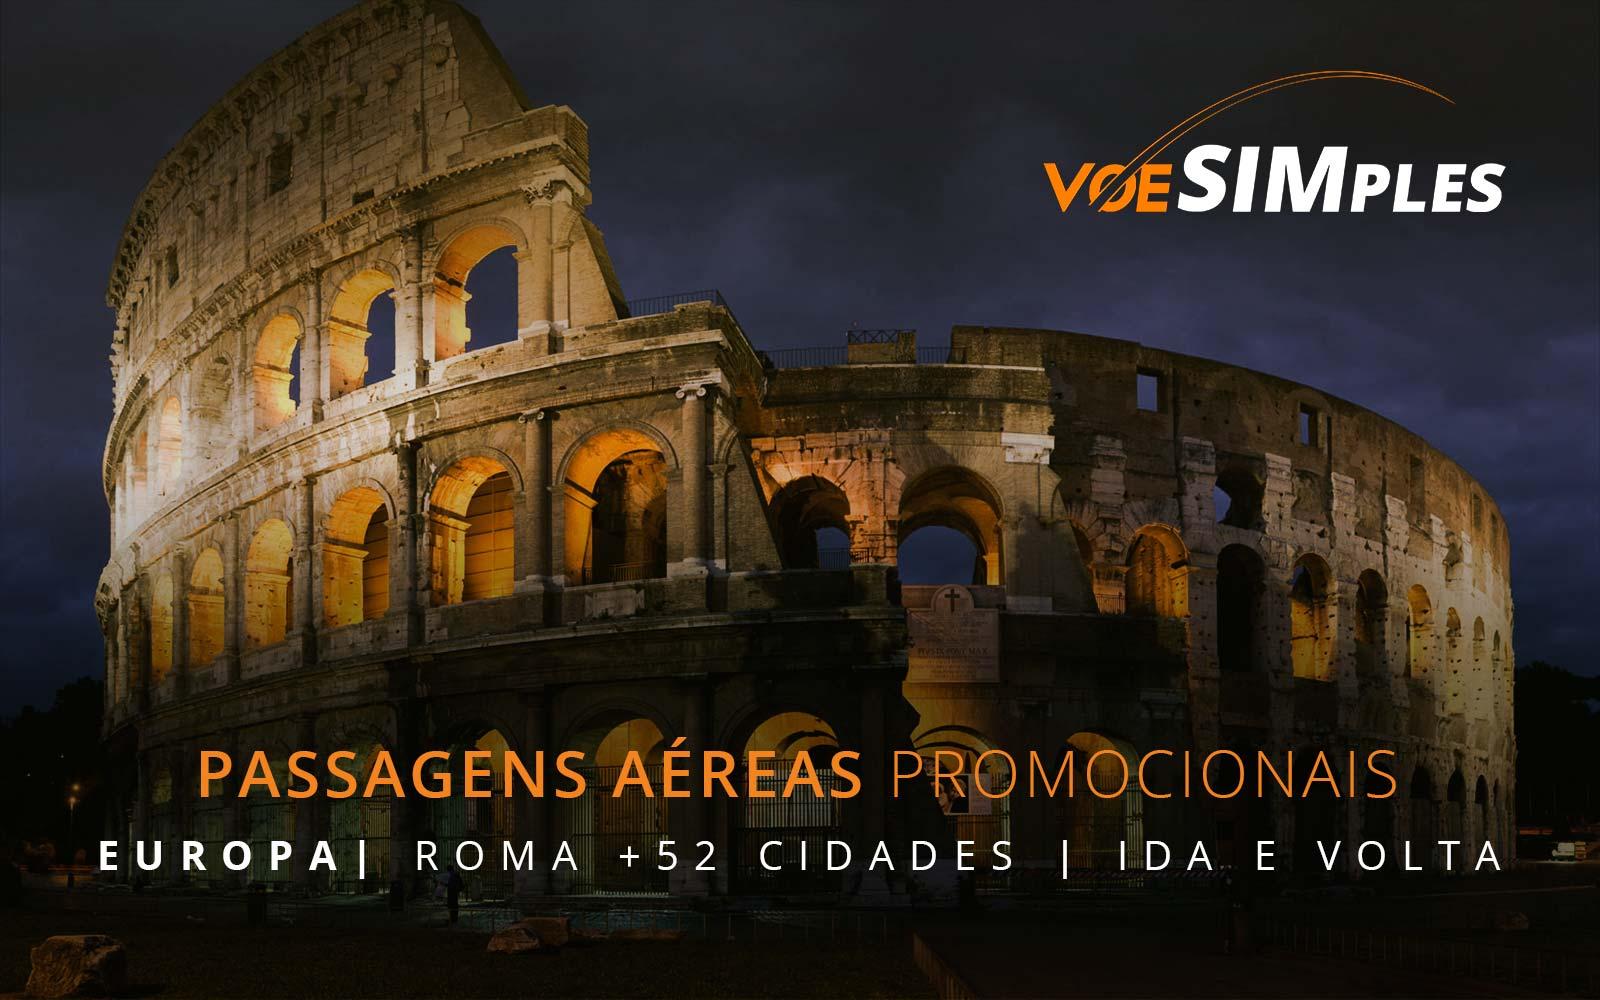 Passagens aéreas promocionais para a Europa